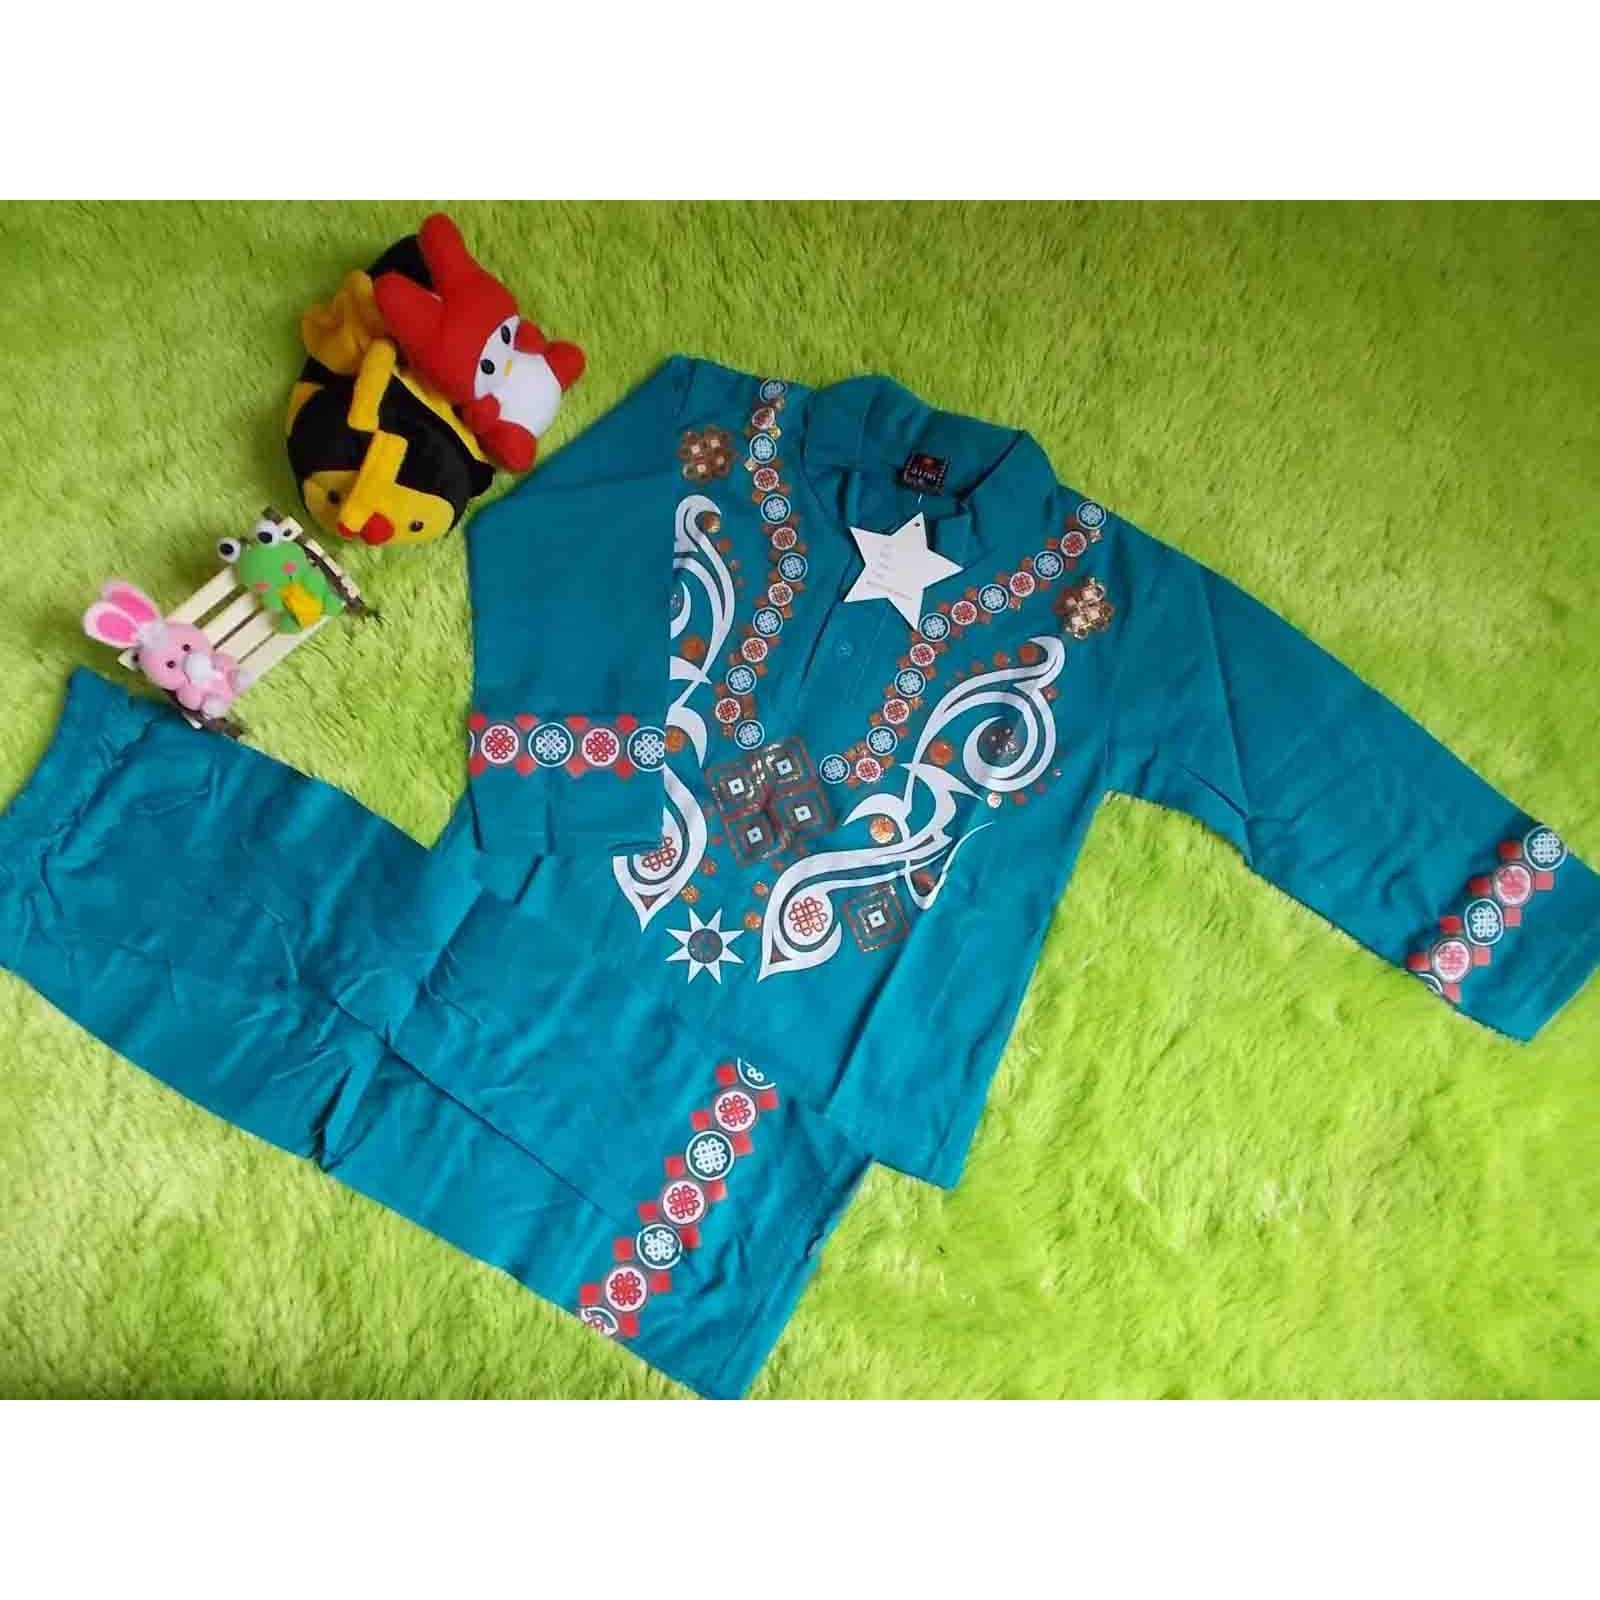 List Harga Baju Koko Anak 2 Tahun Termurah 2018 Di Bawah 200 Setelan Rbj477 Kembarshop Muslim Batita 3th Star Tosca